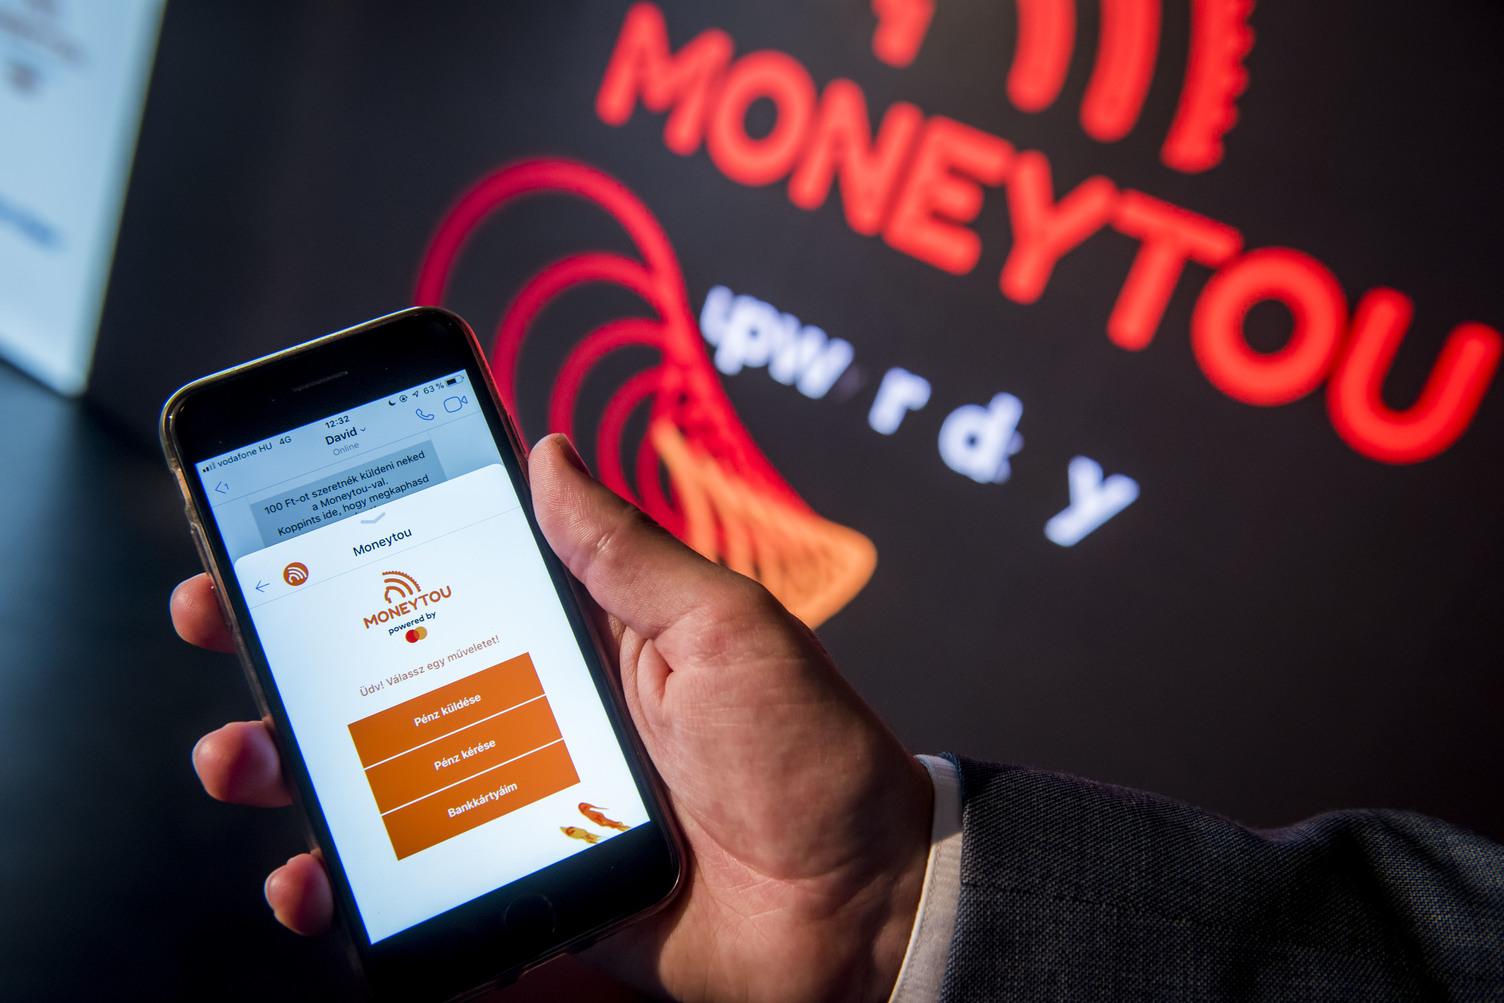 Viber začíná testovat převod peněz mezi uživateli